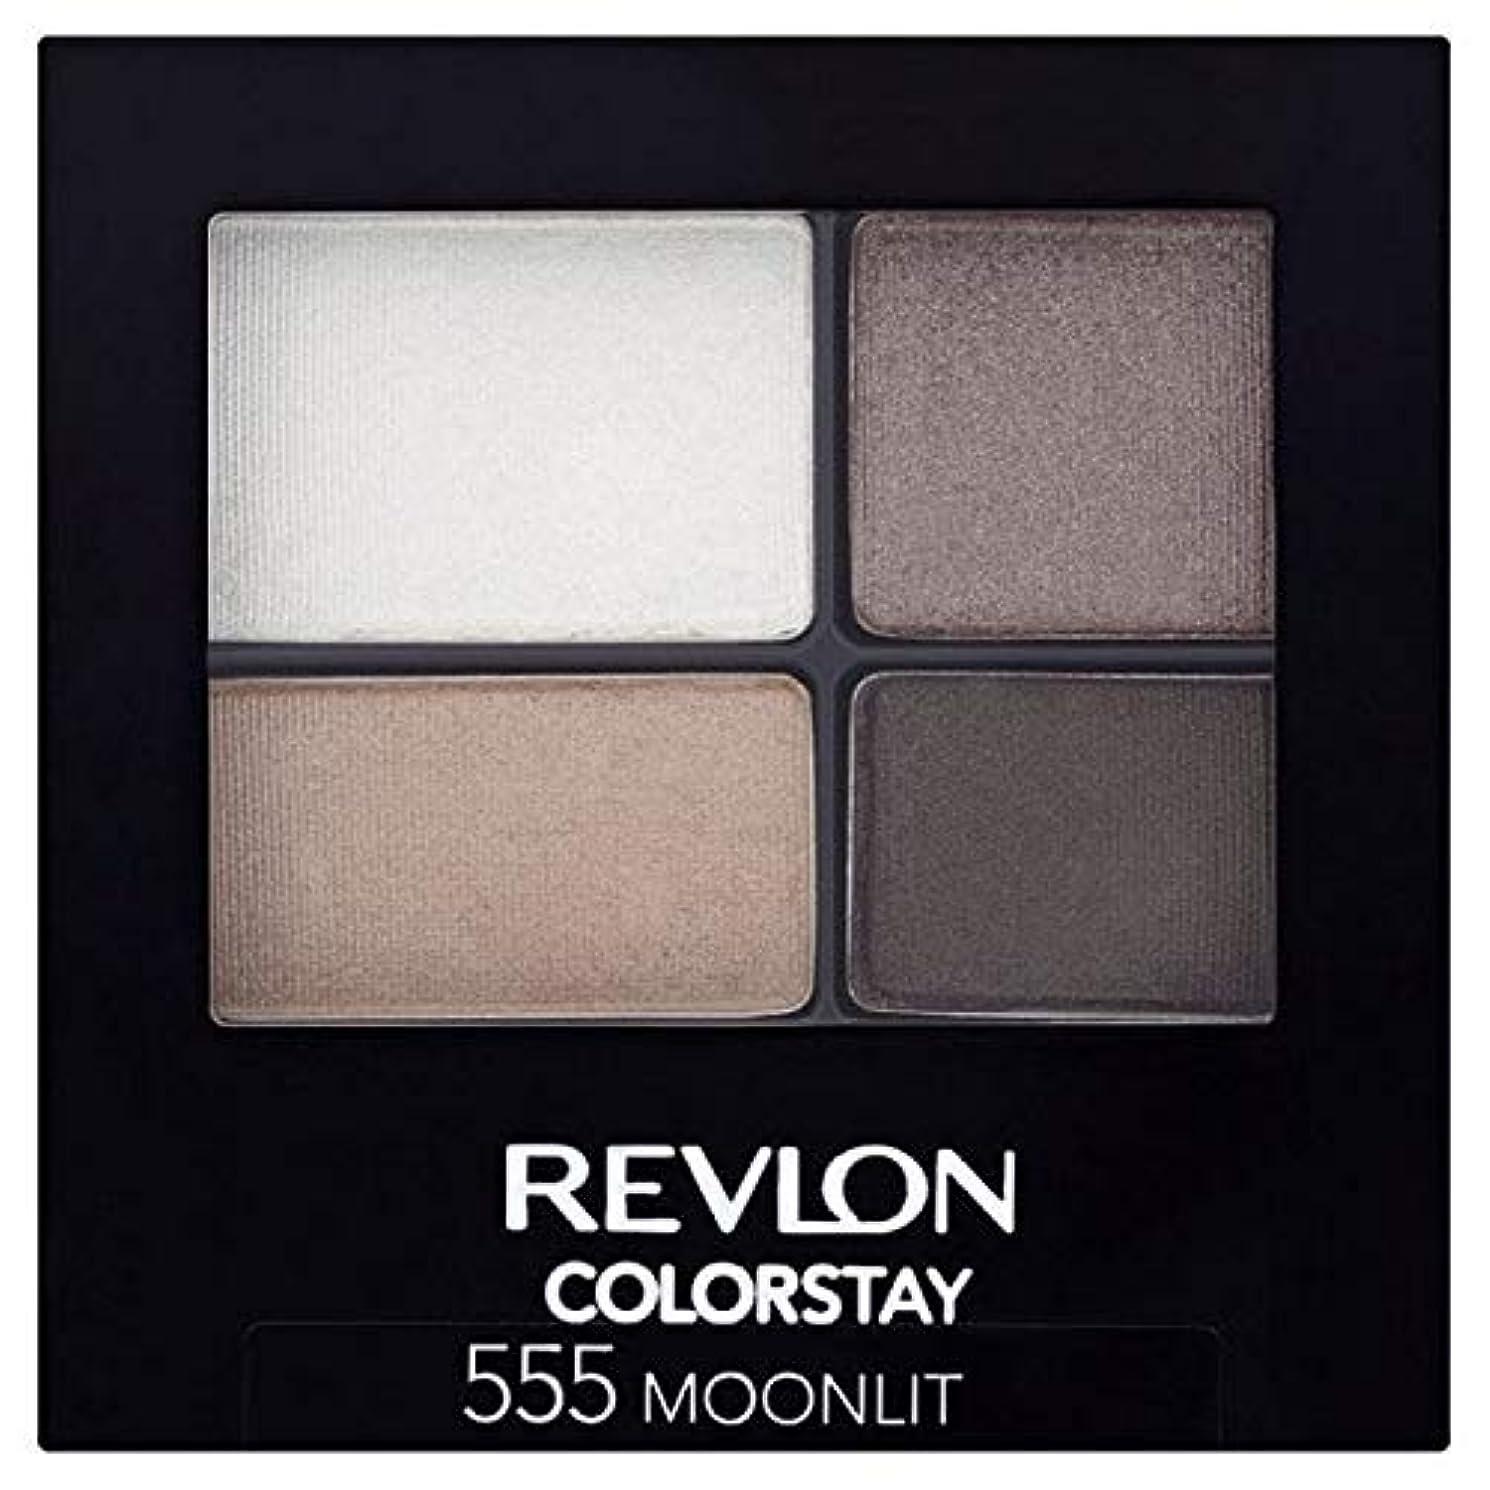 つづりスペイン平方[Revlon ] レブロンColorstay 16時間のアイシャドウは555月光 - Revlon Colorstay 16 Hour Eye Shadow Moonlight 555 [並行輸入品]